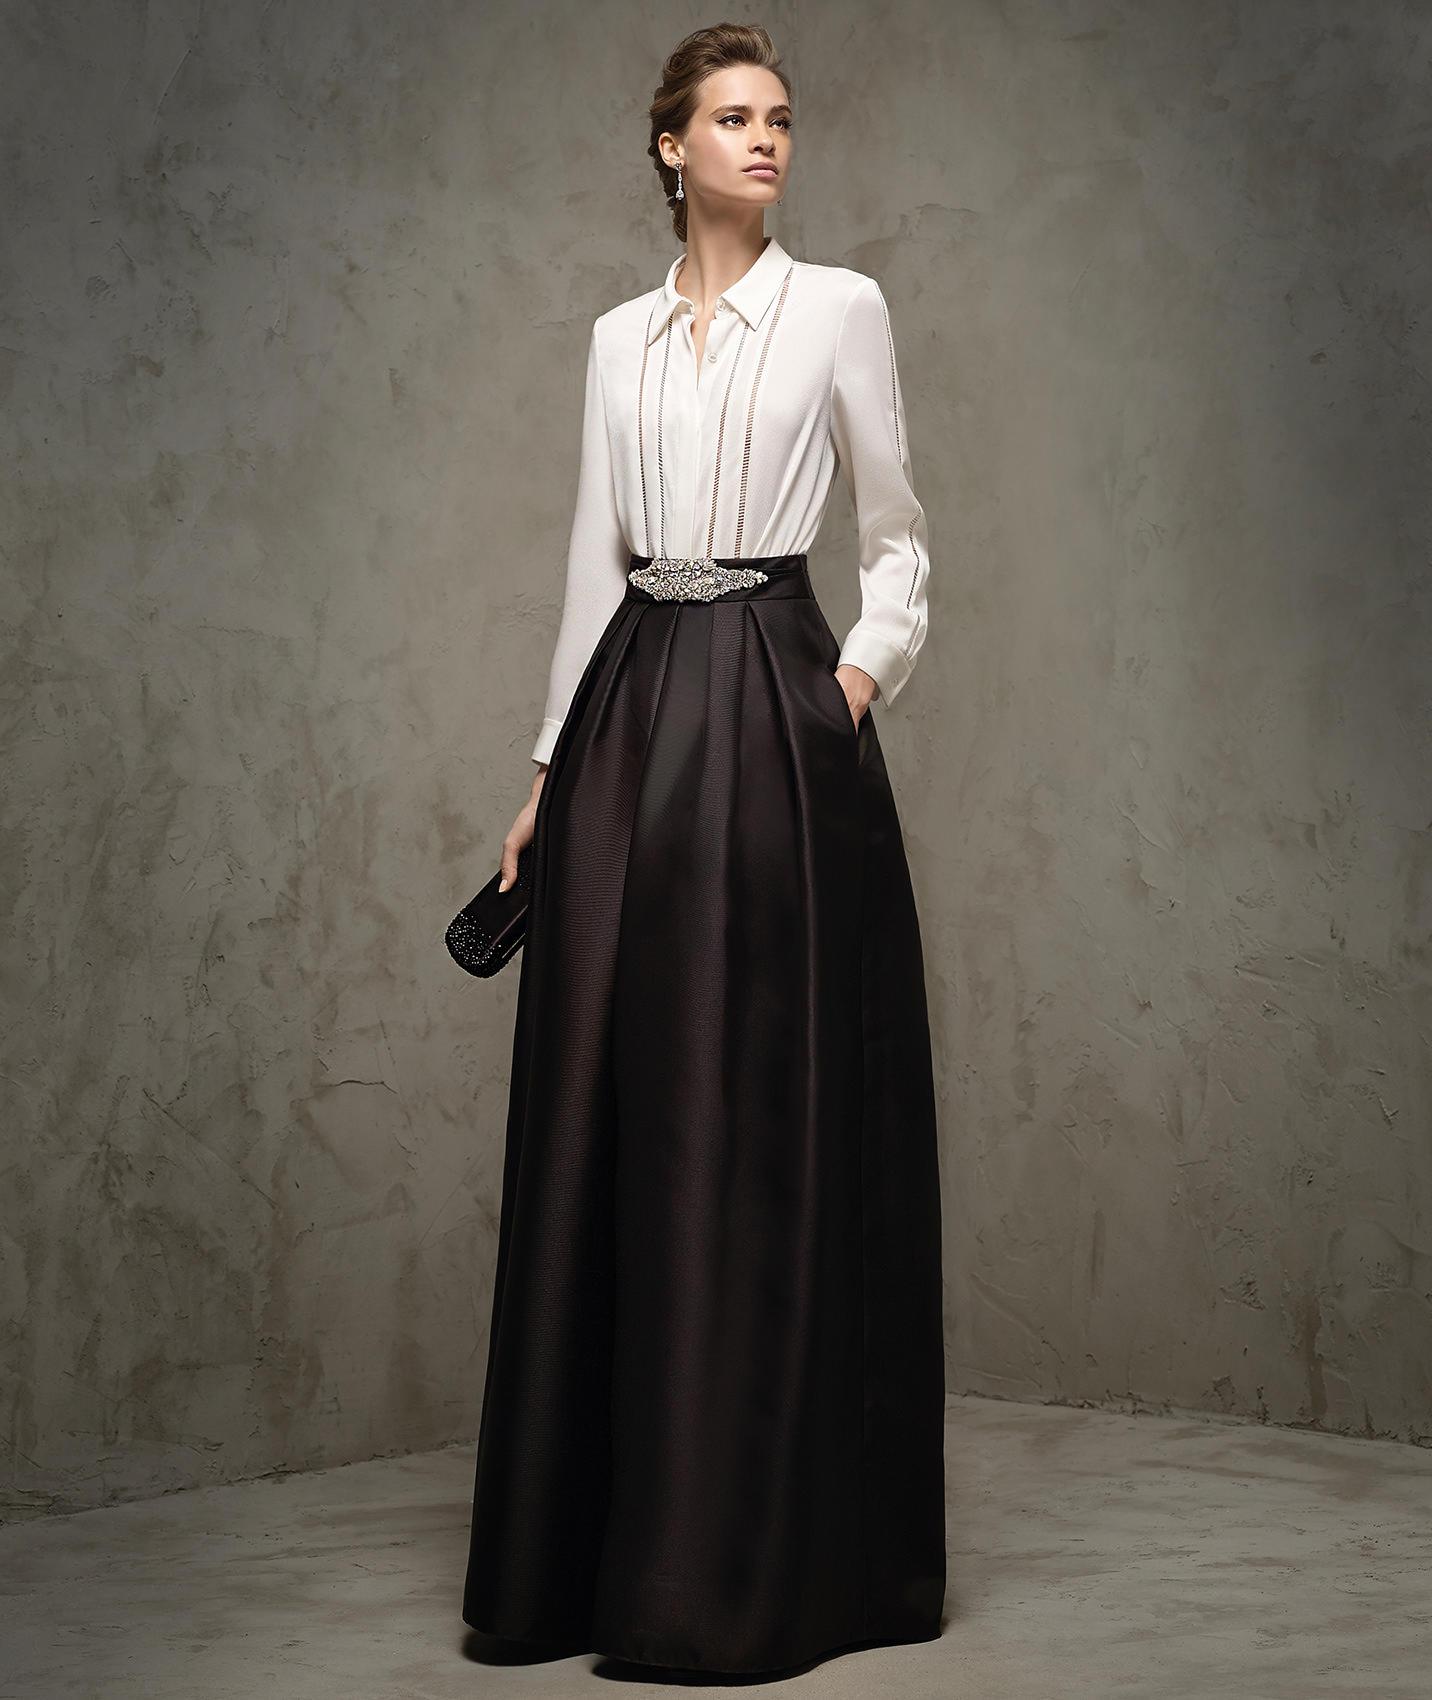 324086c0e Vestidos para boda - Trajes en blanco y negro